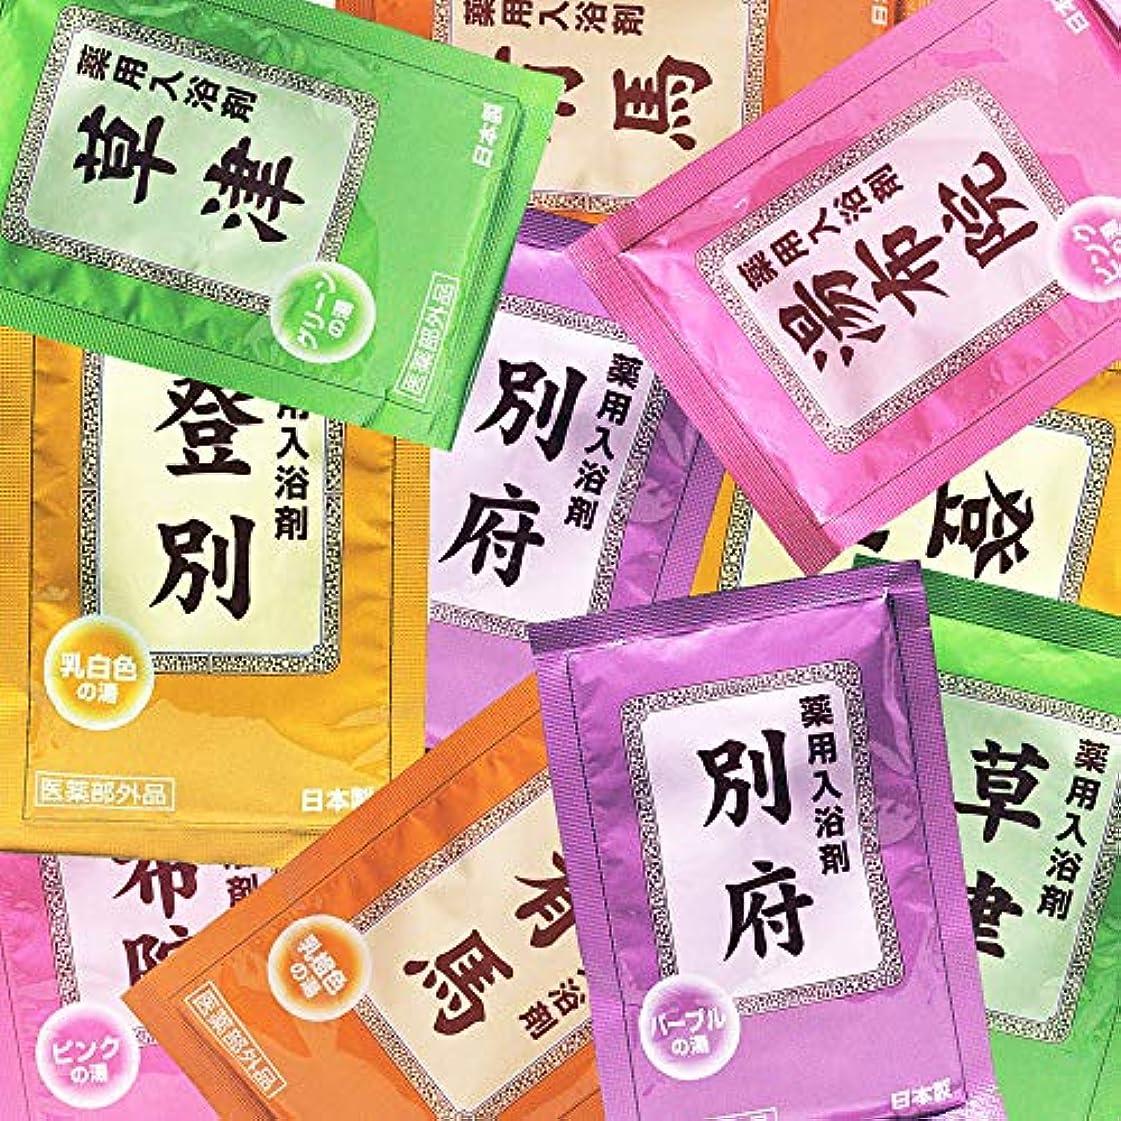 絶え間ない嫌い割れ目薬用入浴剤 湯宿めぐり 25g×10包